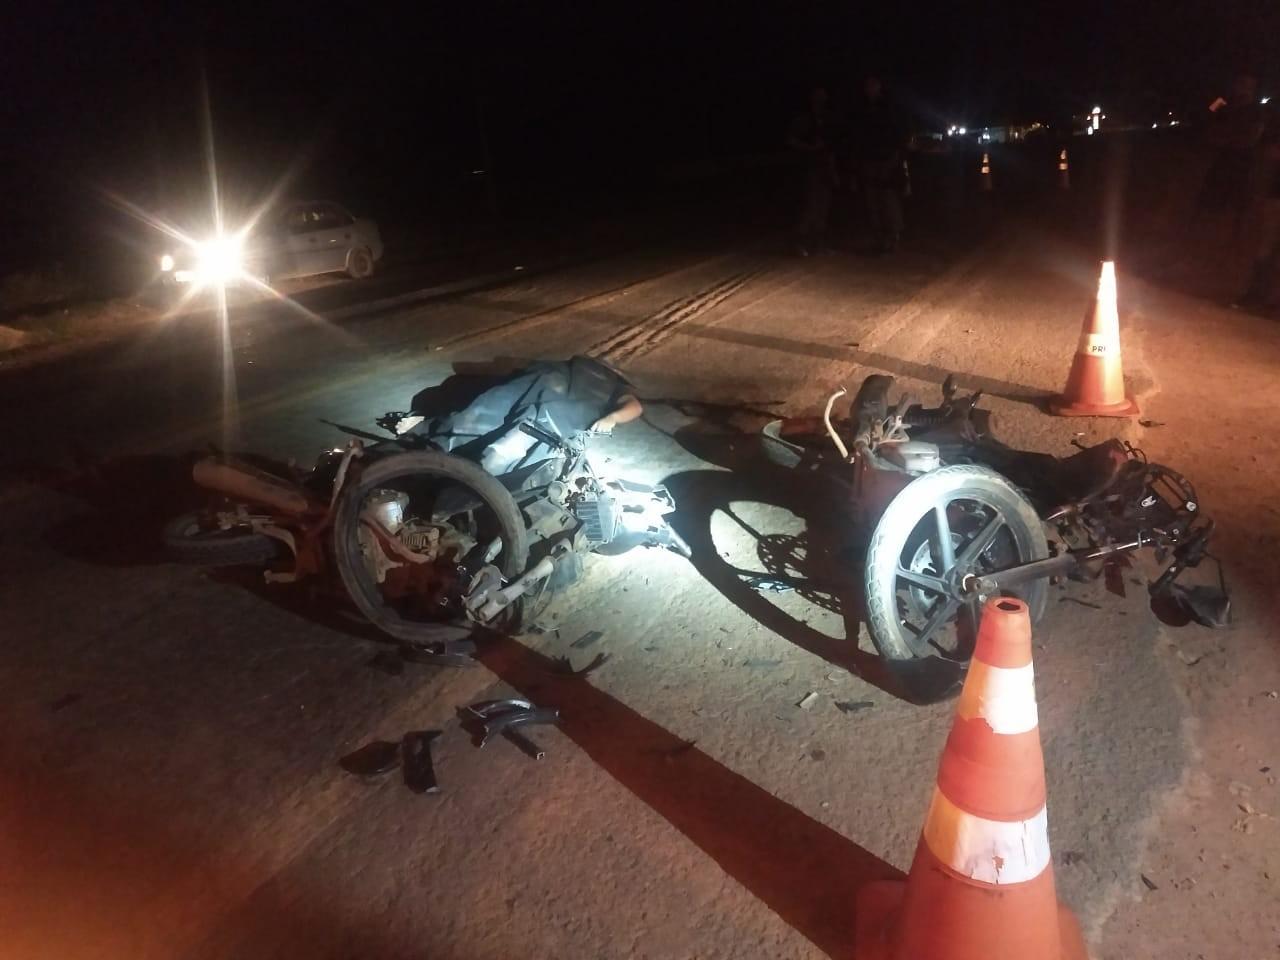 Colisão entre duas motocicletas deixa um morto na BR-010 no MA - Notícias - Plantão Diário